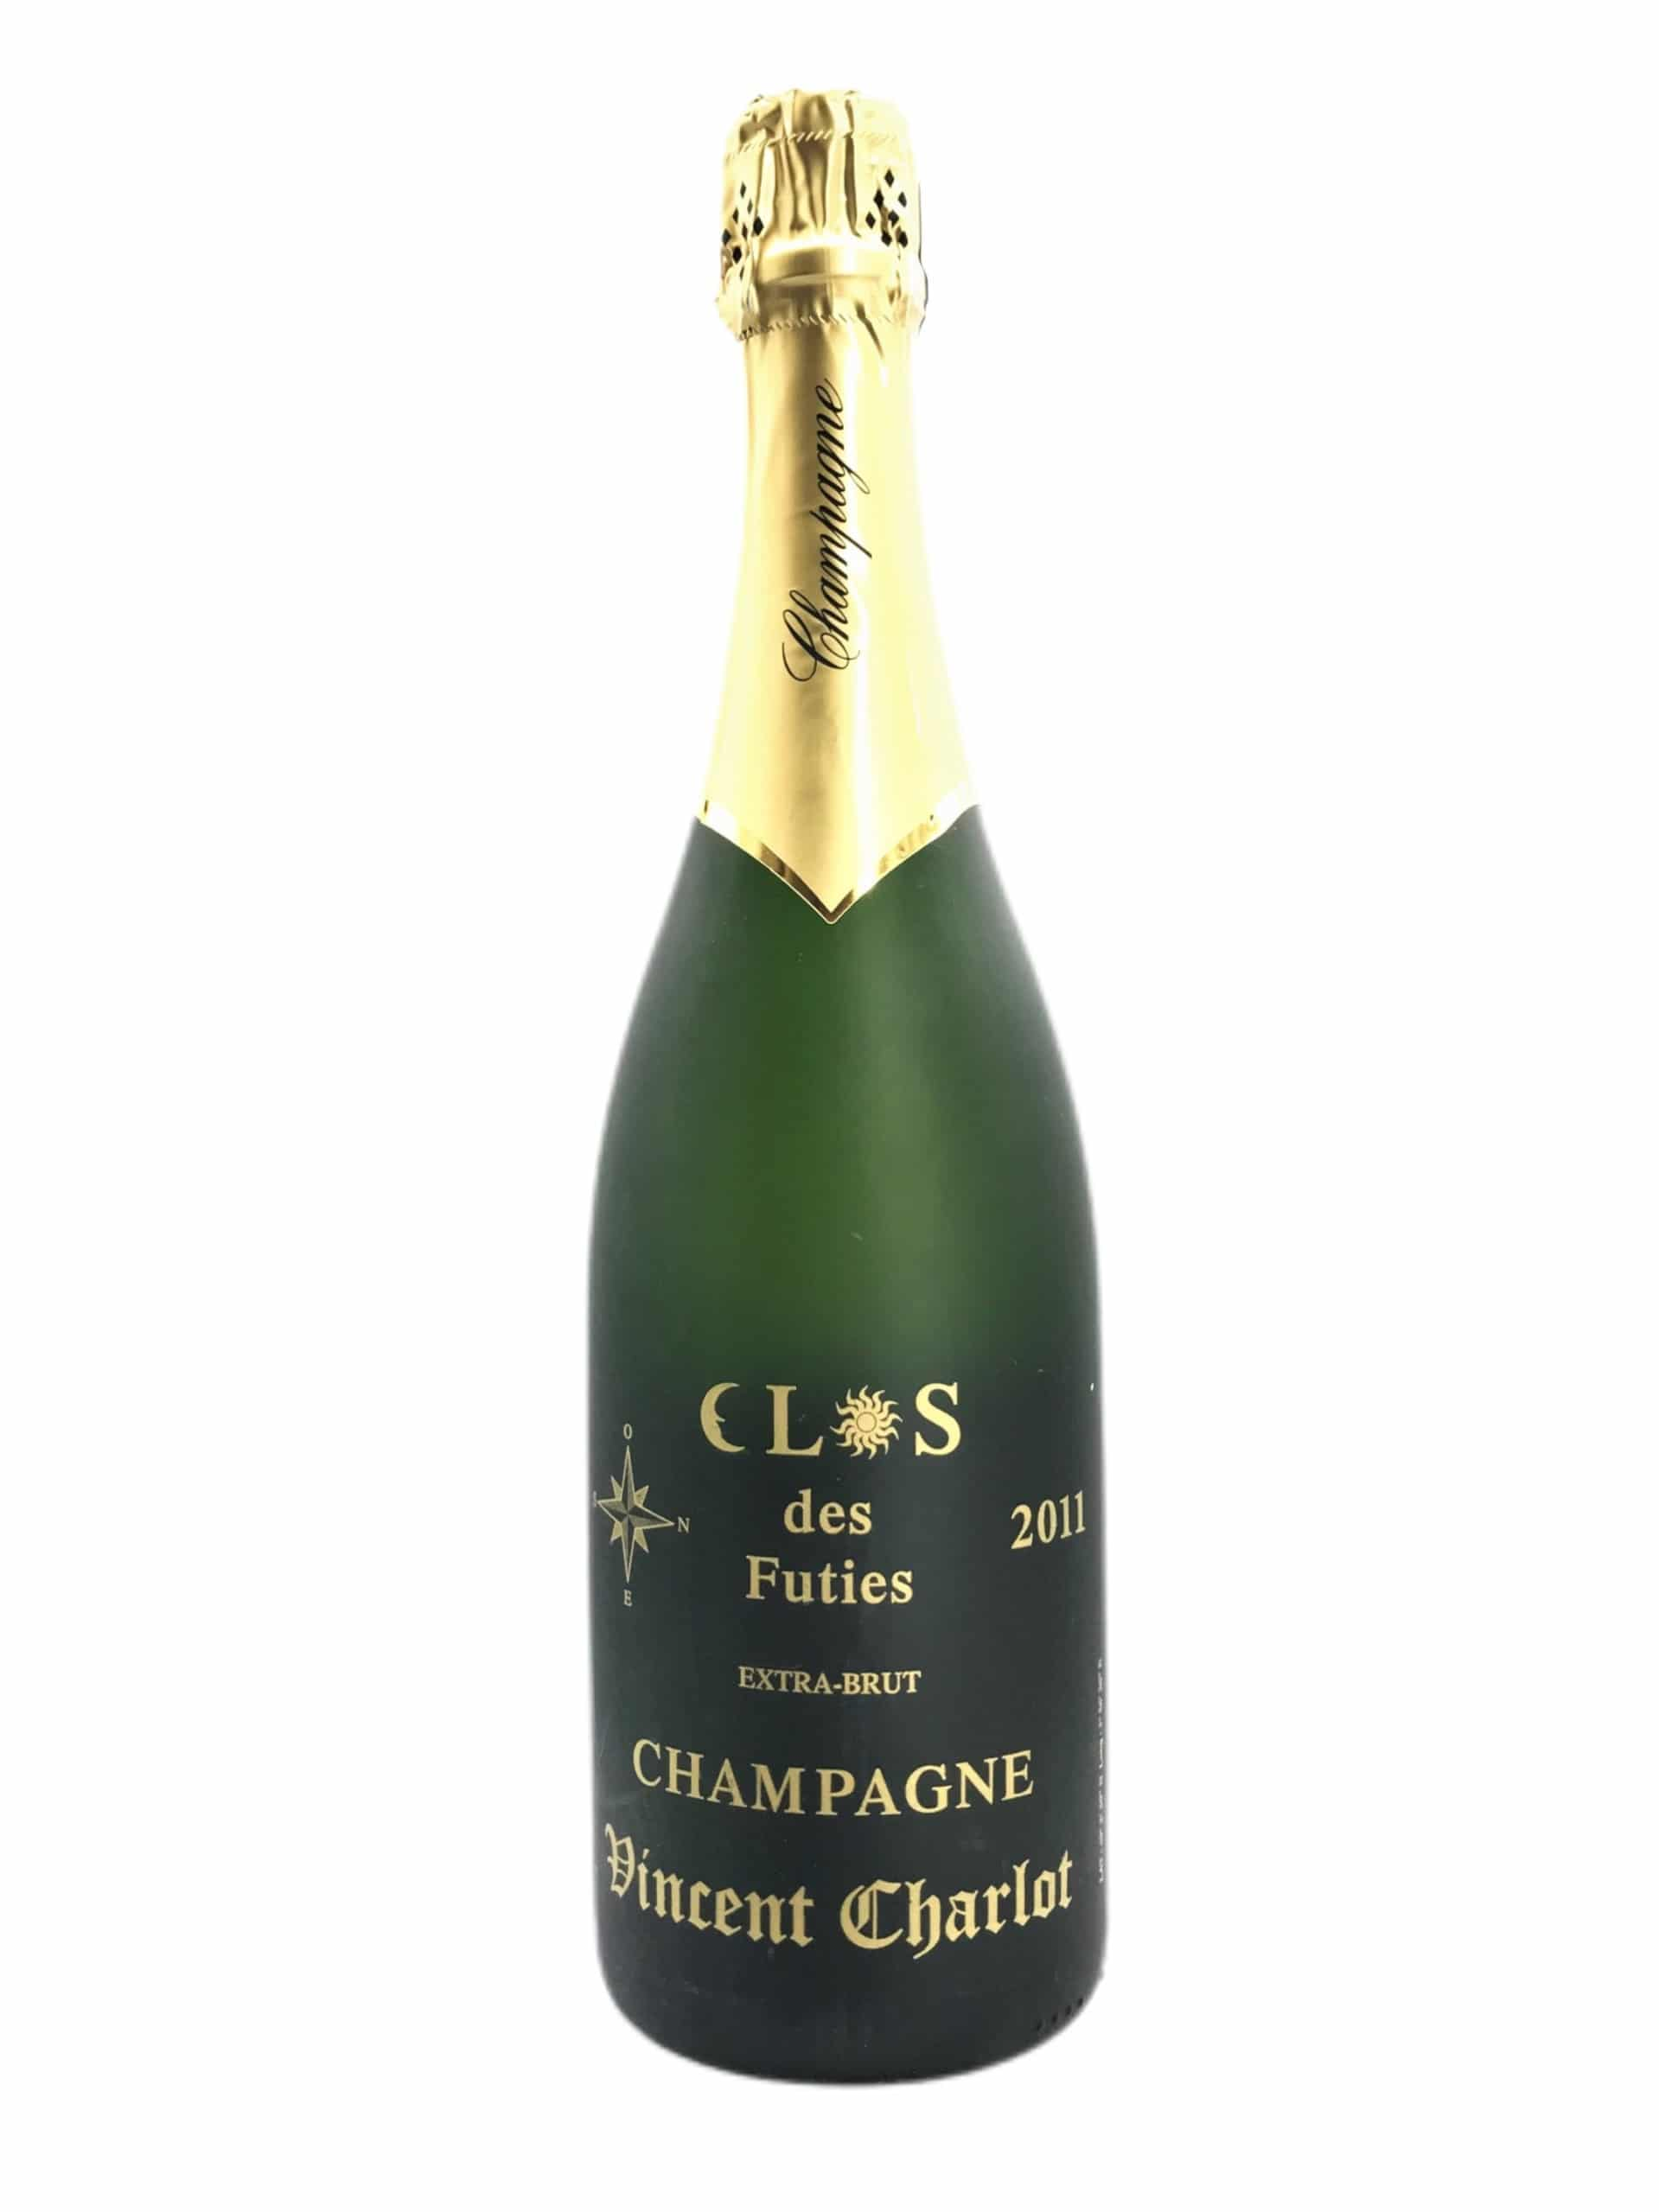 Champagne Charlot Tanneux Clos des Futies